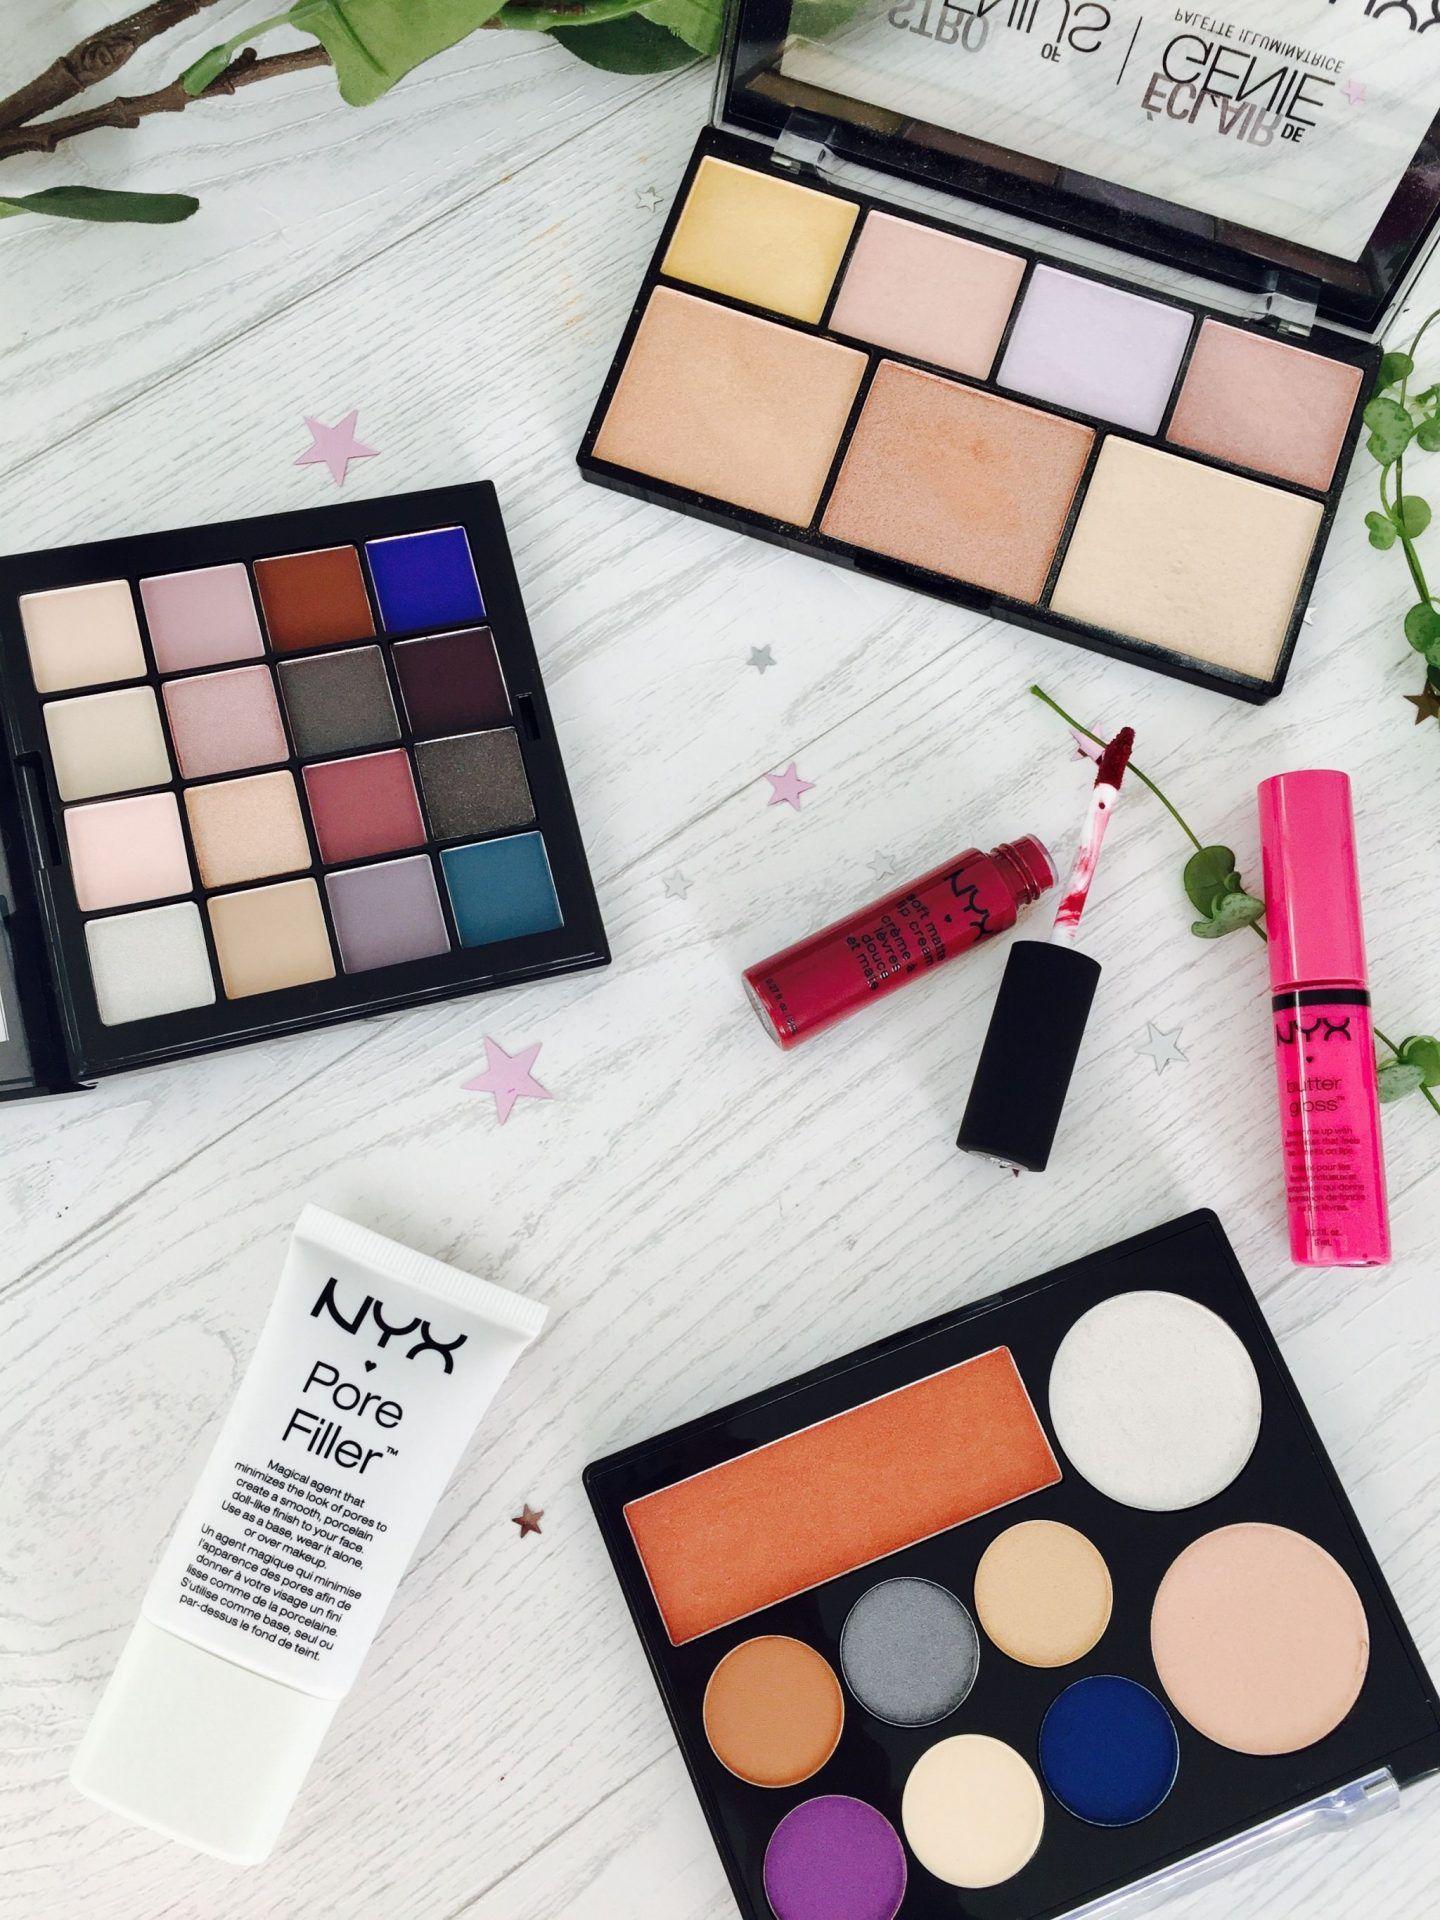 NYX Cosmetics Haul with Debenhams Nyx cosmetics, Nyx